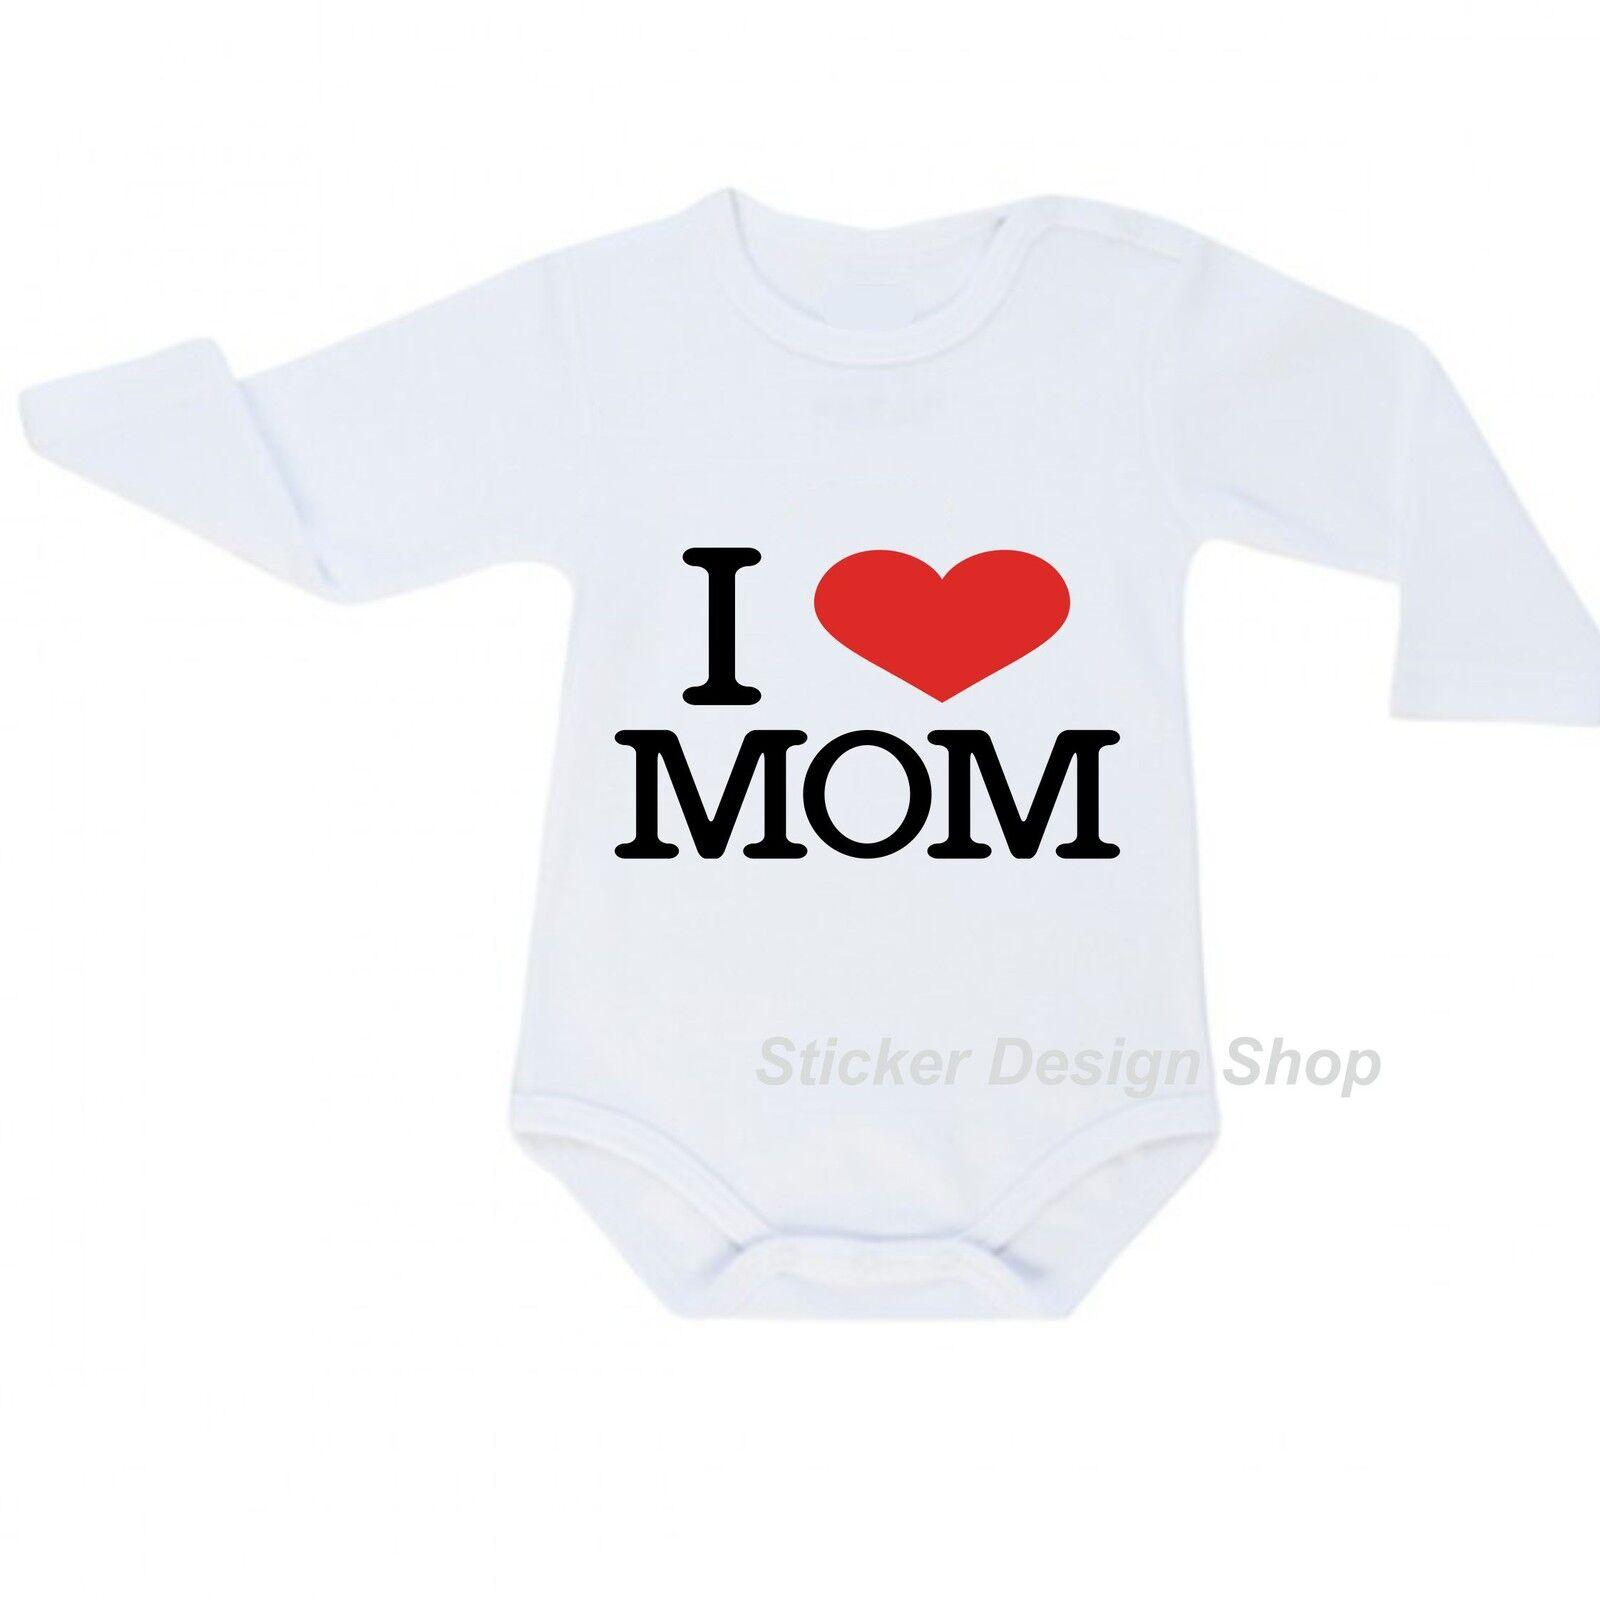 I love Mom T-Shirt Druck Bügelbild für Selbst Applikation Aufbügeln ...